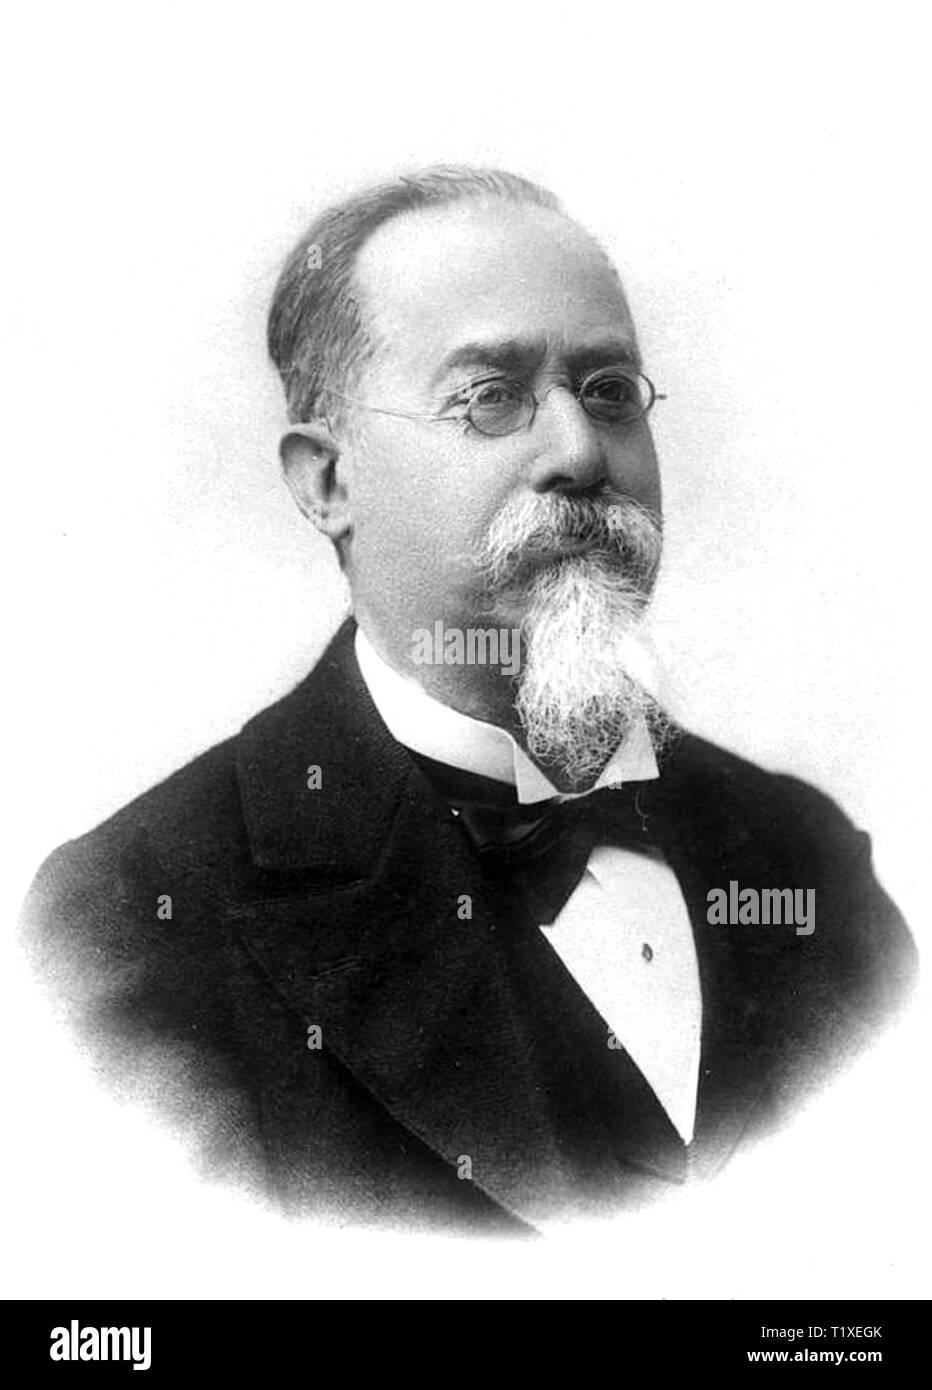 CESARE LOMBROSO (1835-1909) Italian criminologist - Stock Image